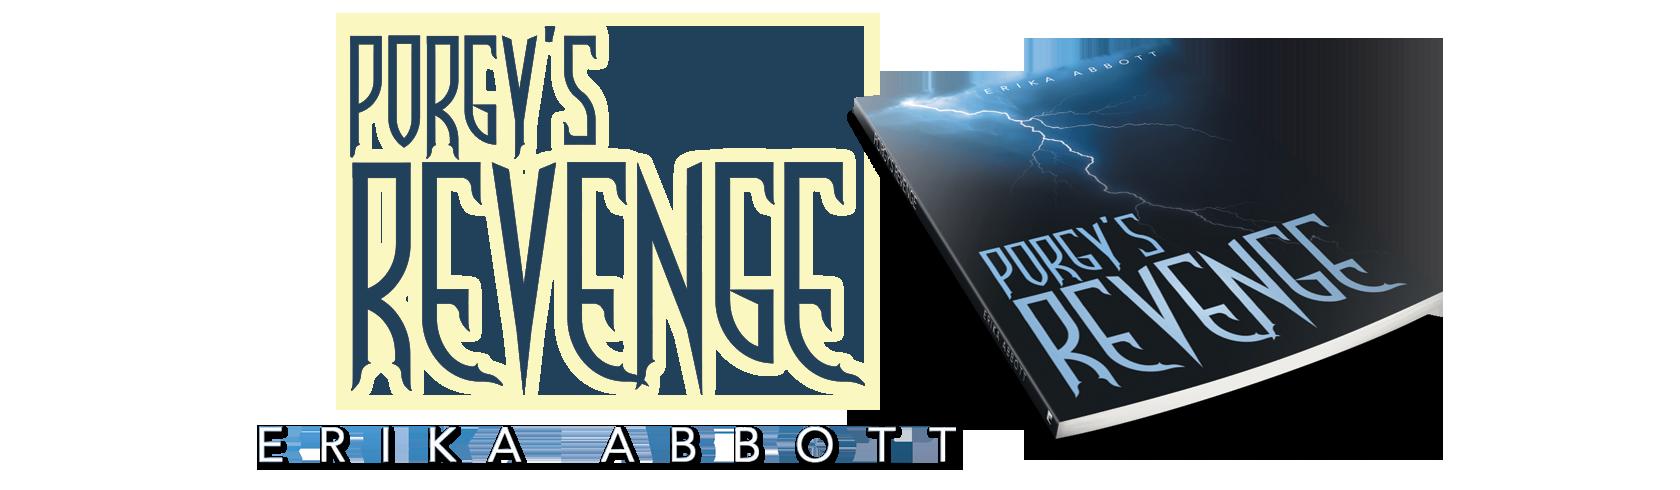 Porgy's Revenge by Erika Abbott